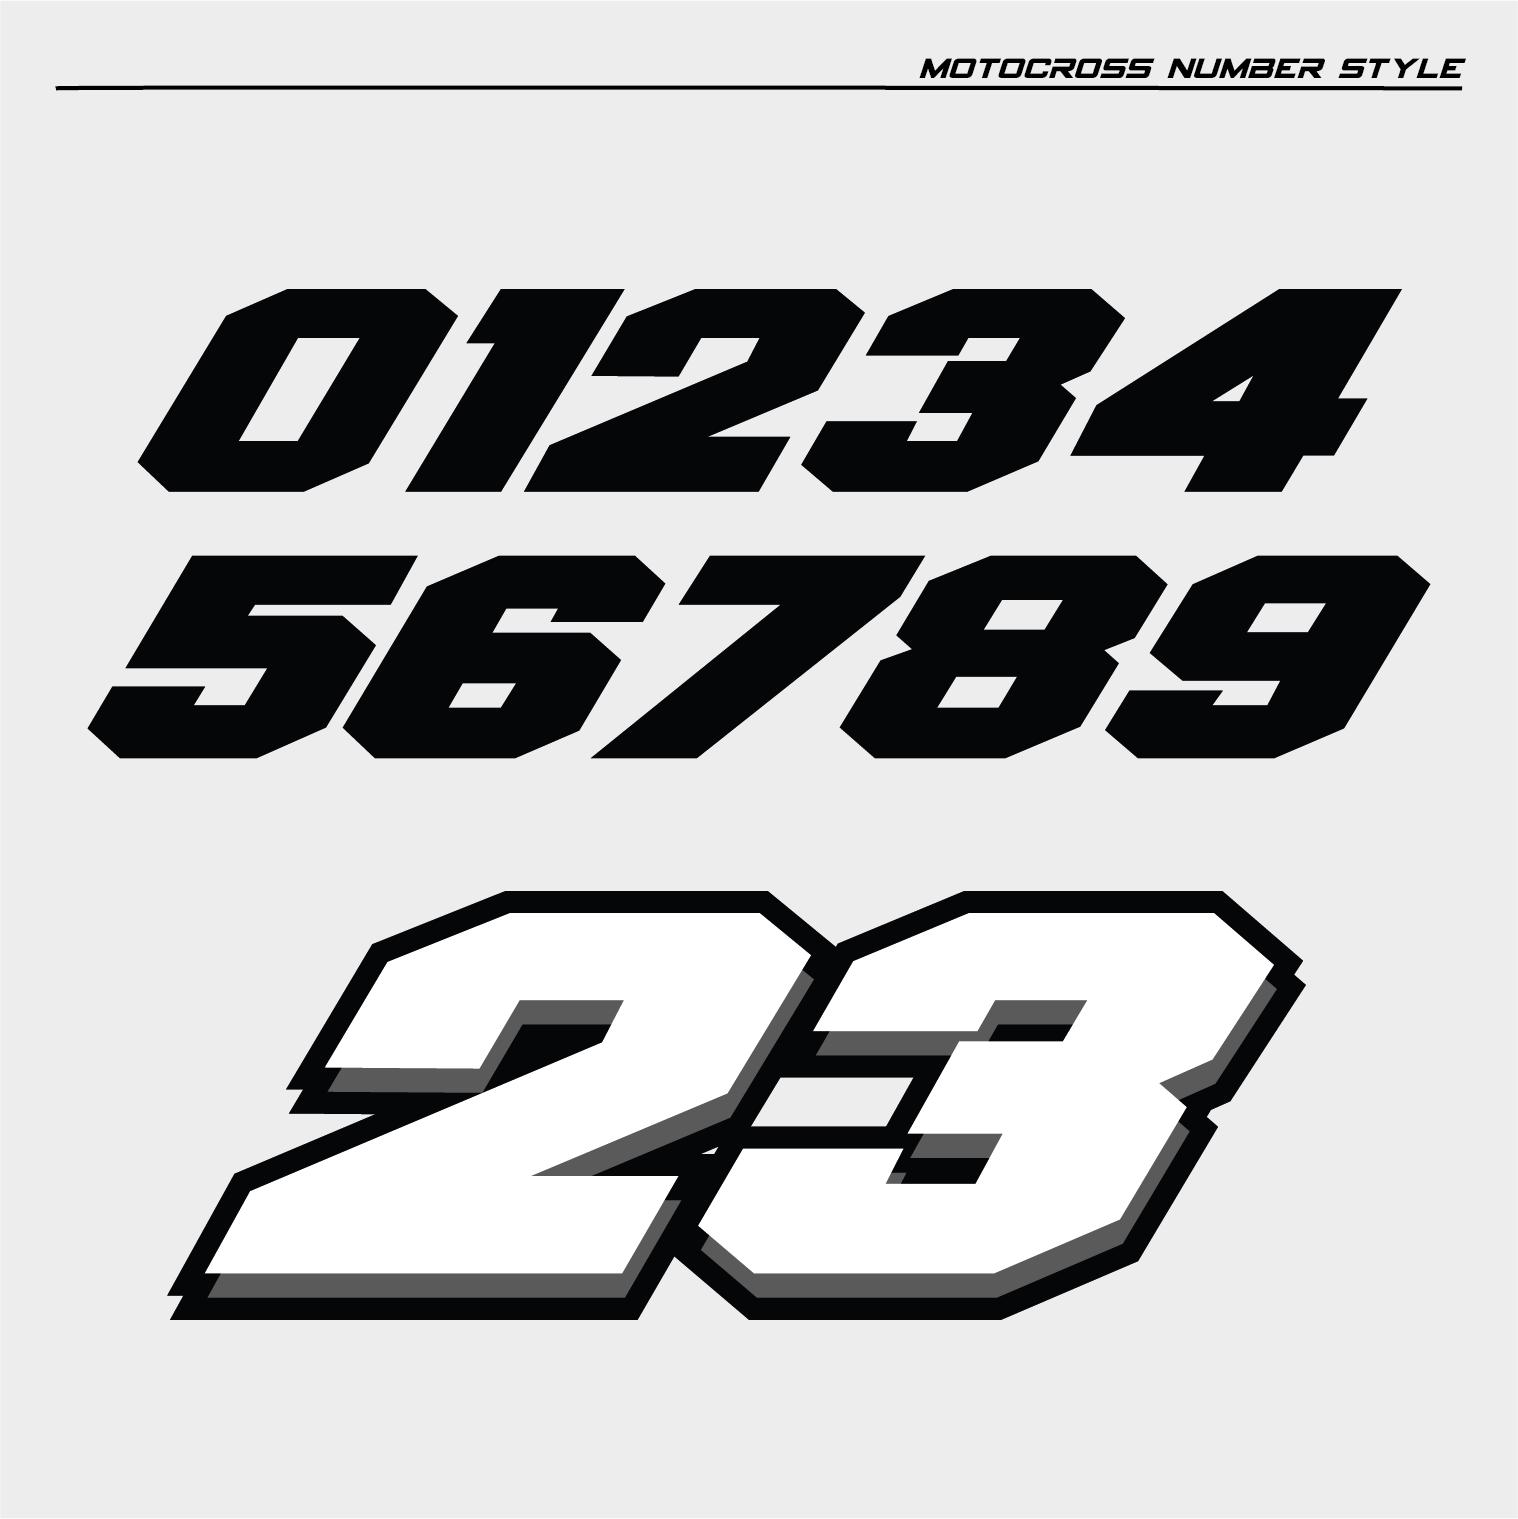 motocross number styles. Black Bedroom Furniture Sets. Home Design Ideas